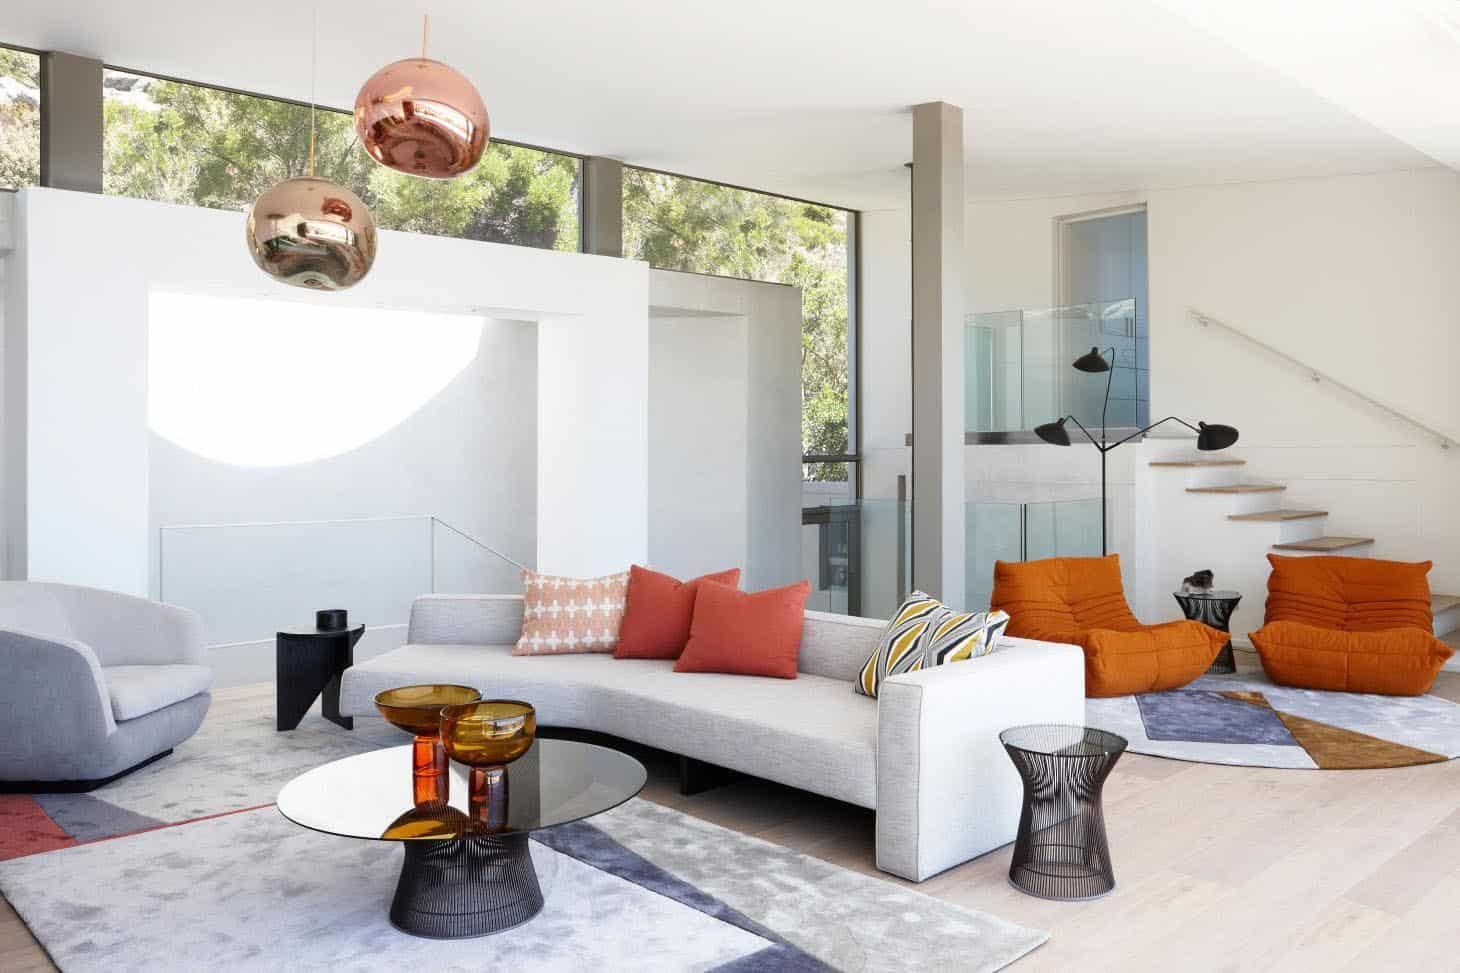 seaside-home-living-room